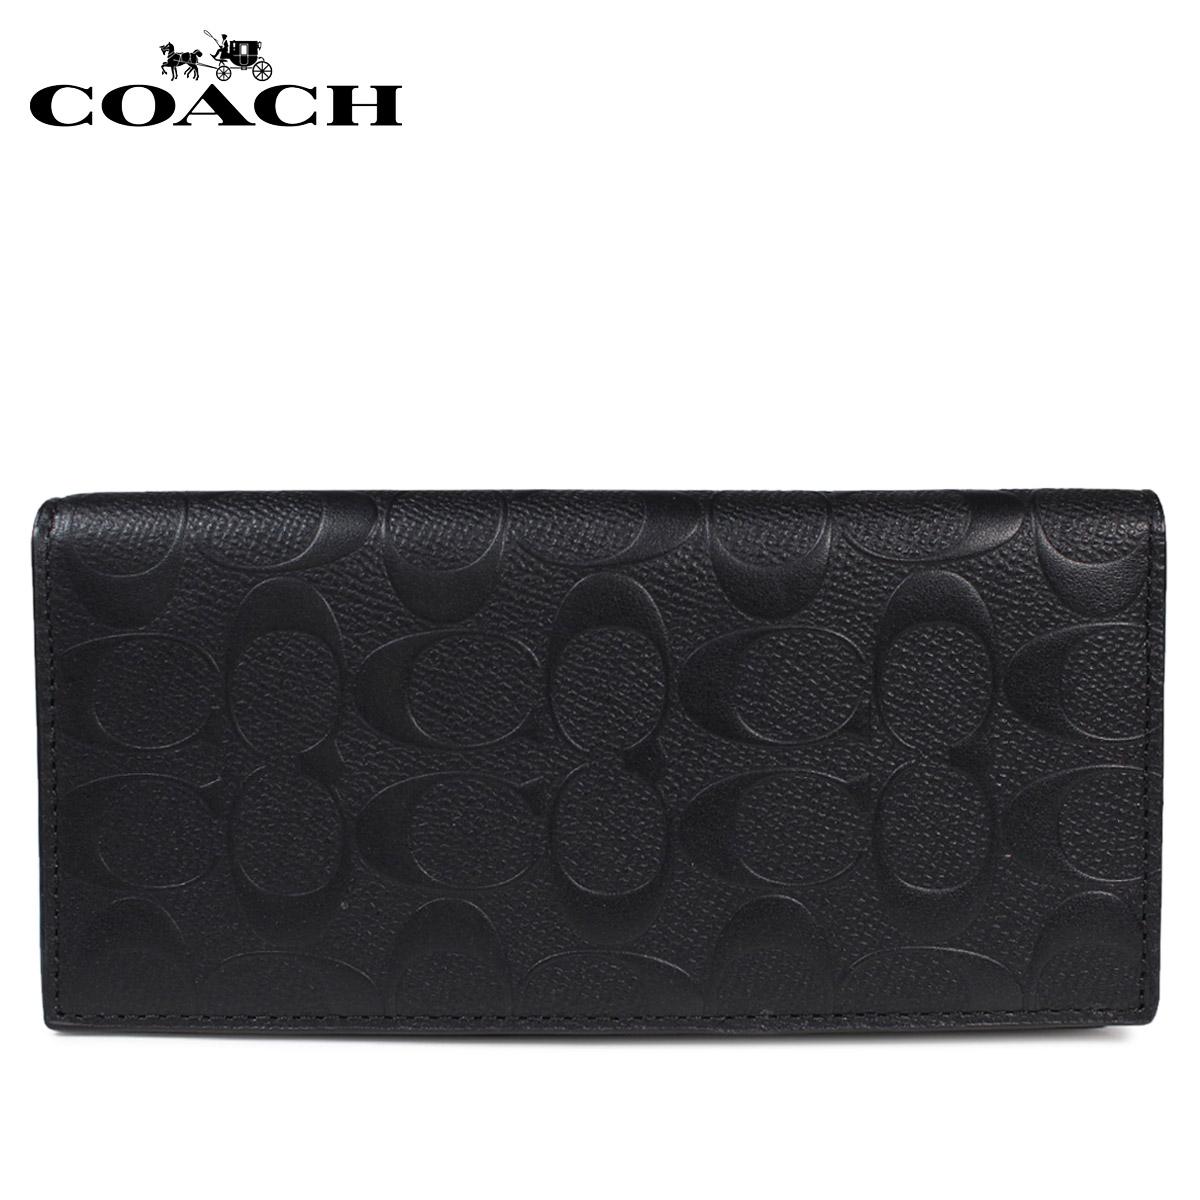 【最大2000円OFFクーポン】 コーチ COACH 財布 長財布 メンズ F75365 ブラック